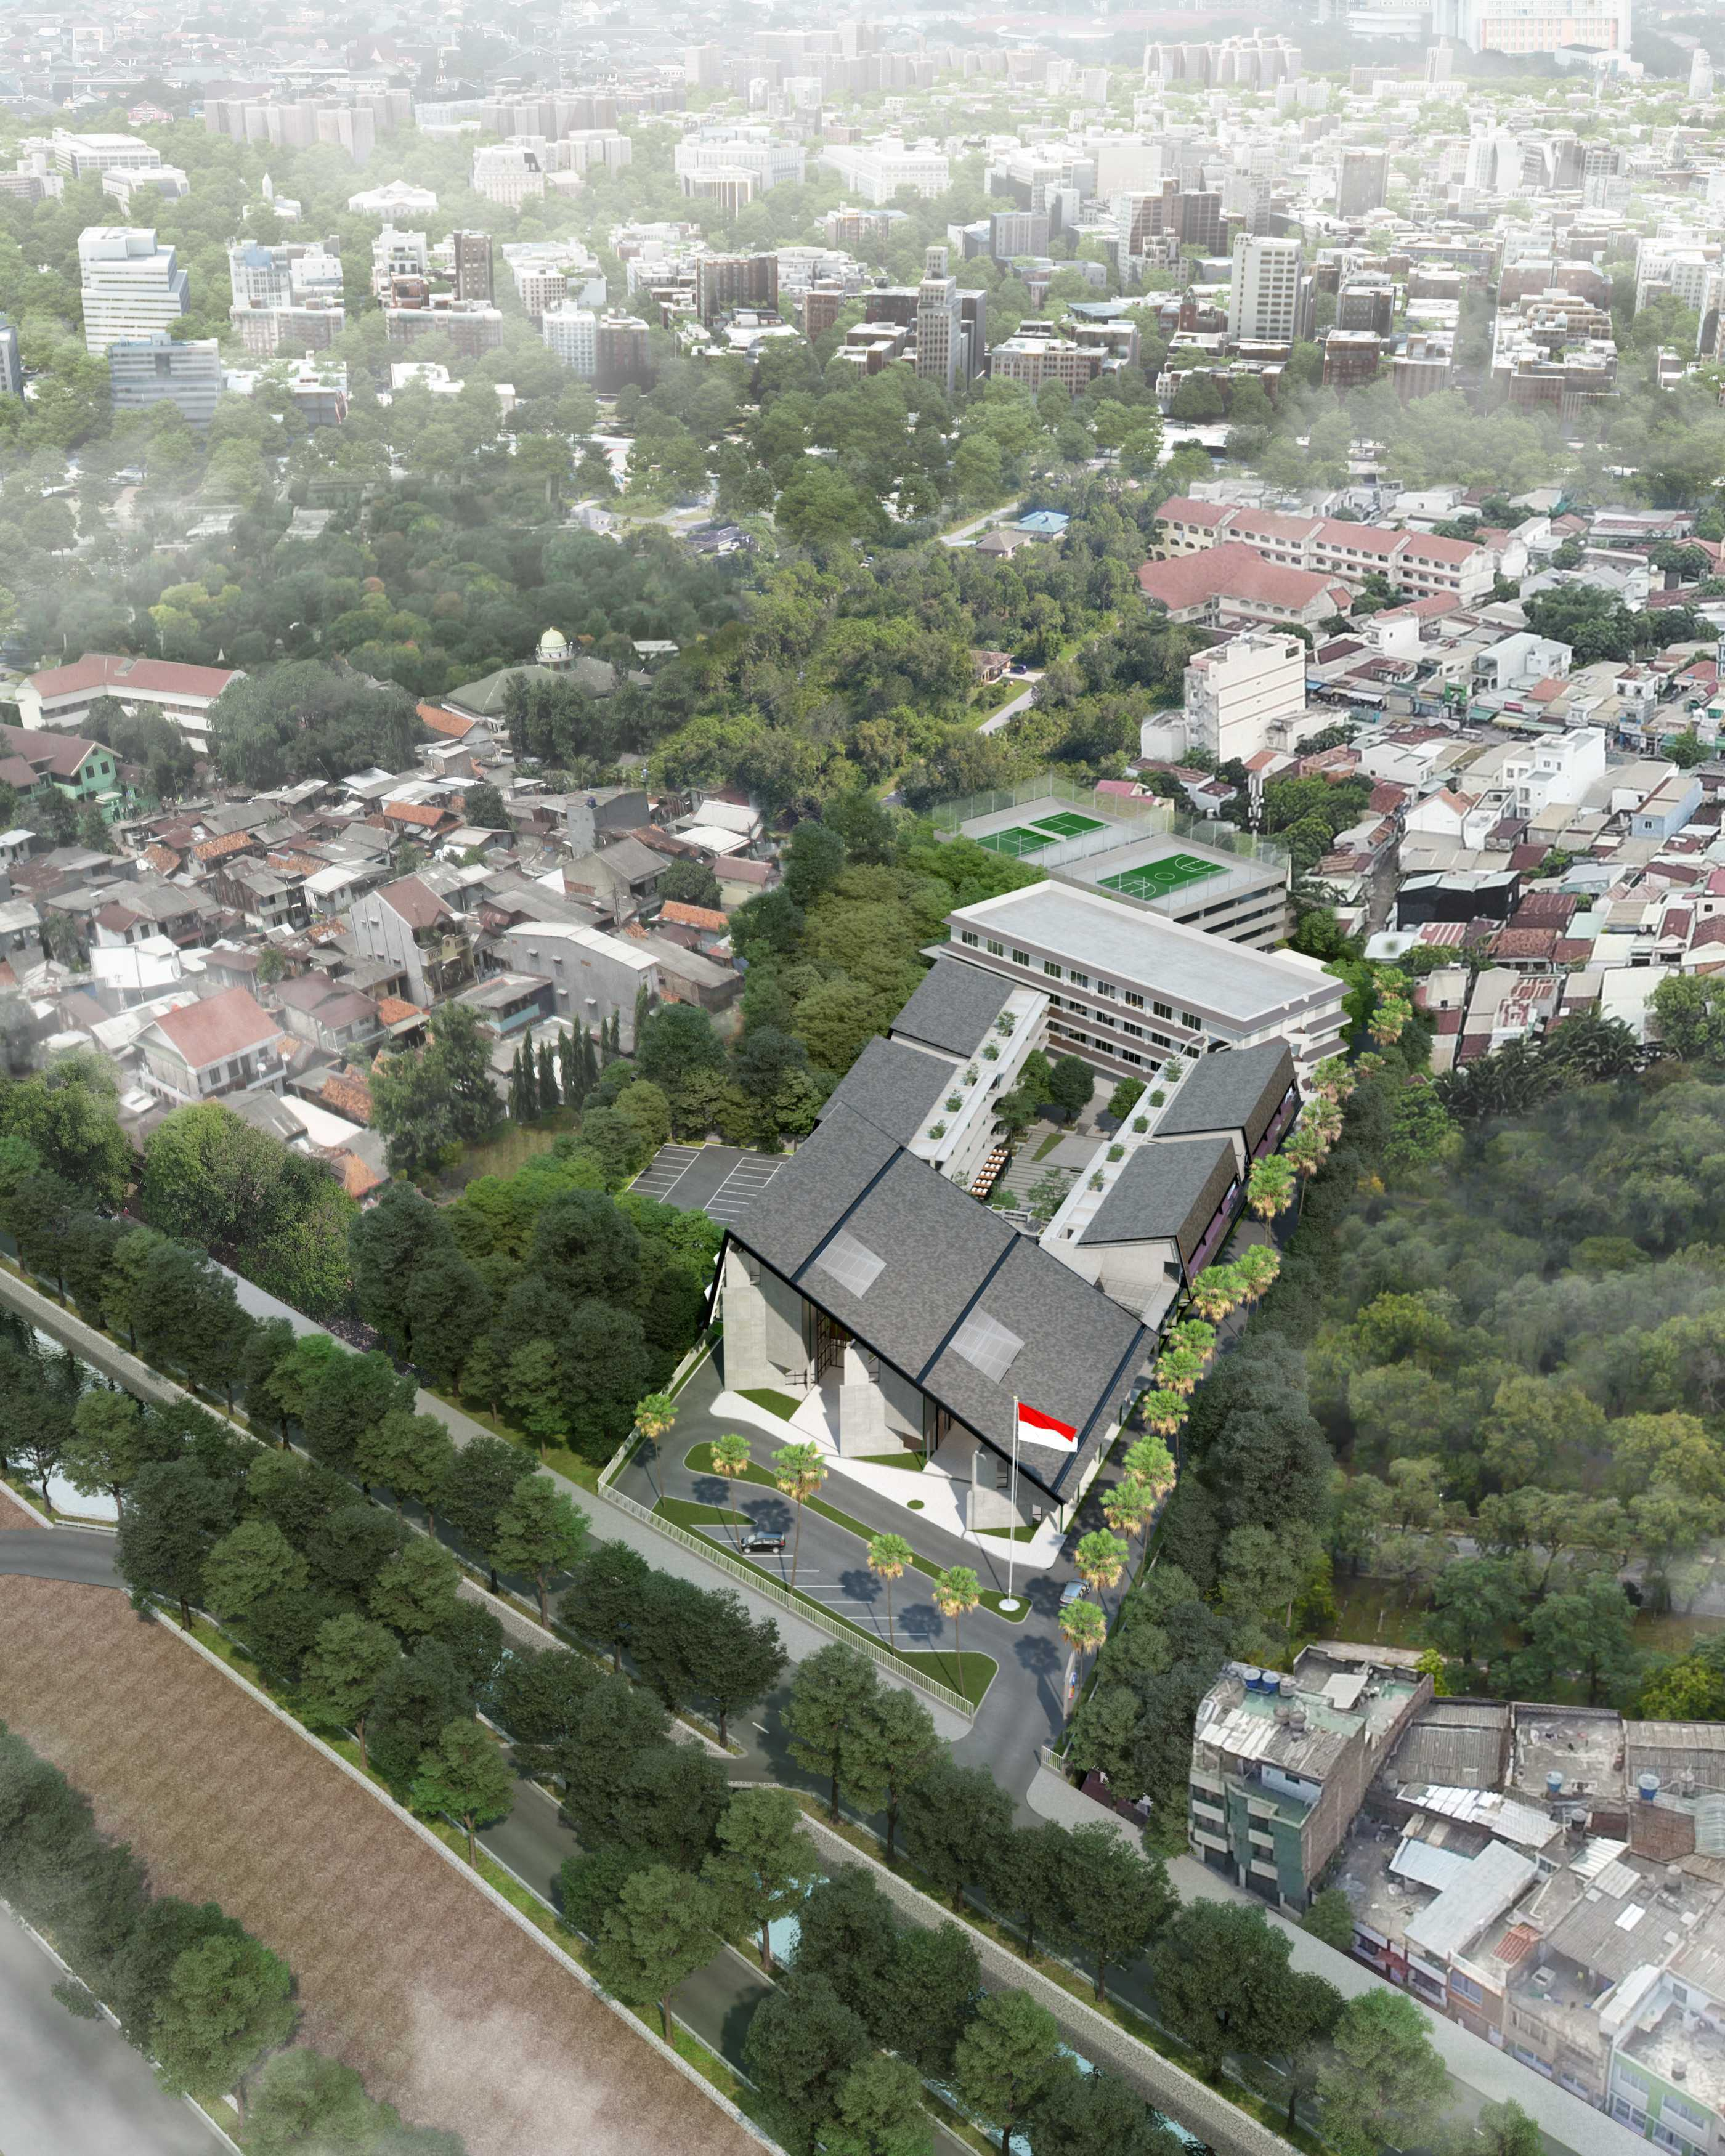 Pt. Urbane Indonesia Iisip Campus Jakarta, Daerah Khusus Ibukota Jakarta, Indonesia Jakarta, Daerah Khusus Ibukota Jakarta, Indonesia Bird Eye View Kontemporer  52795